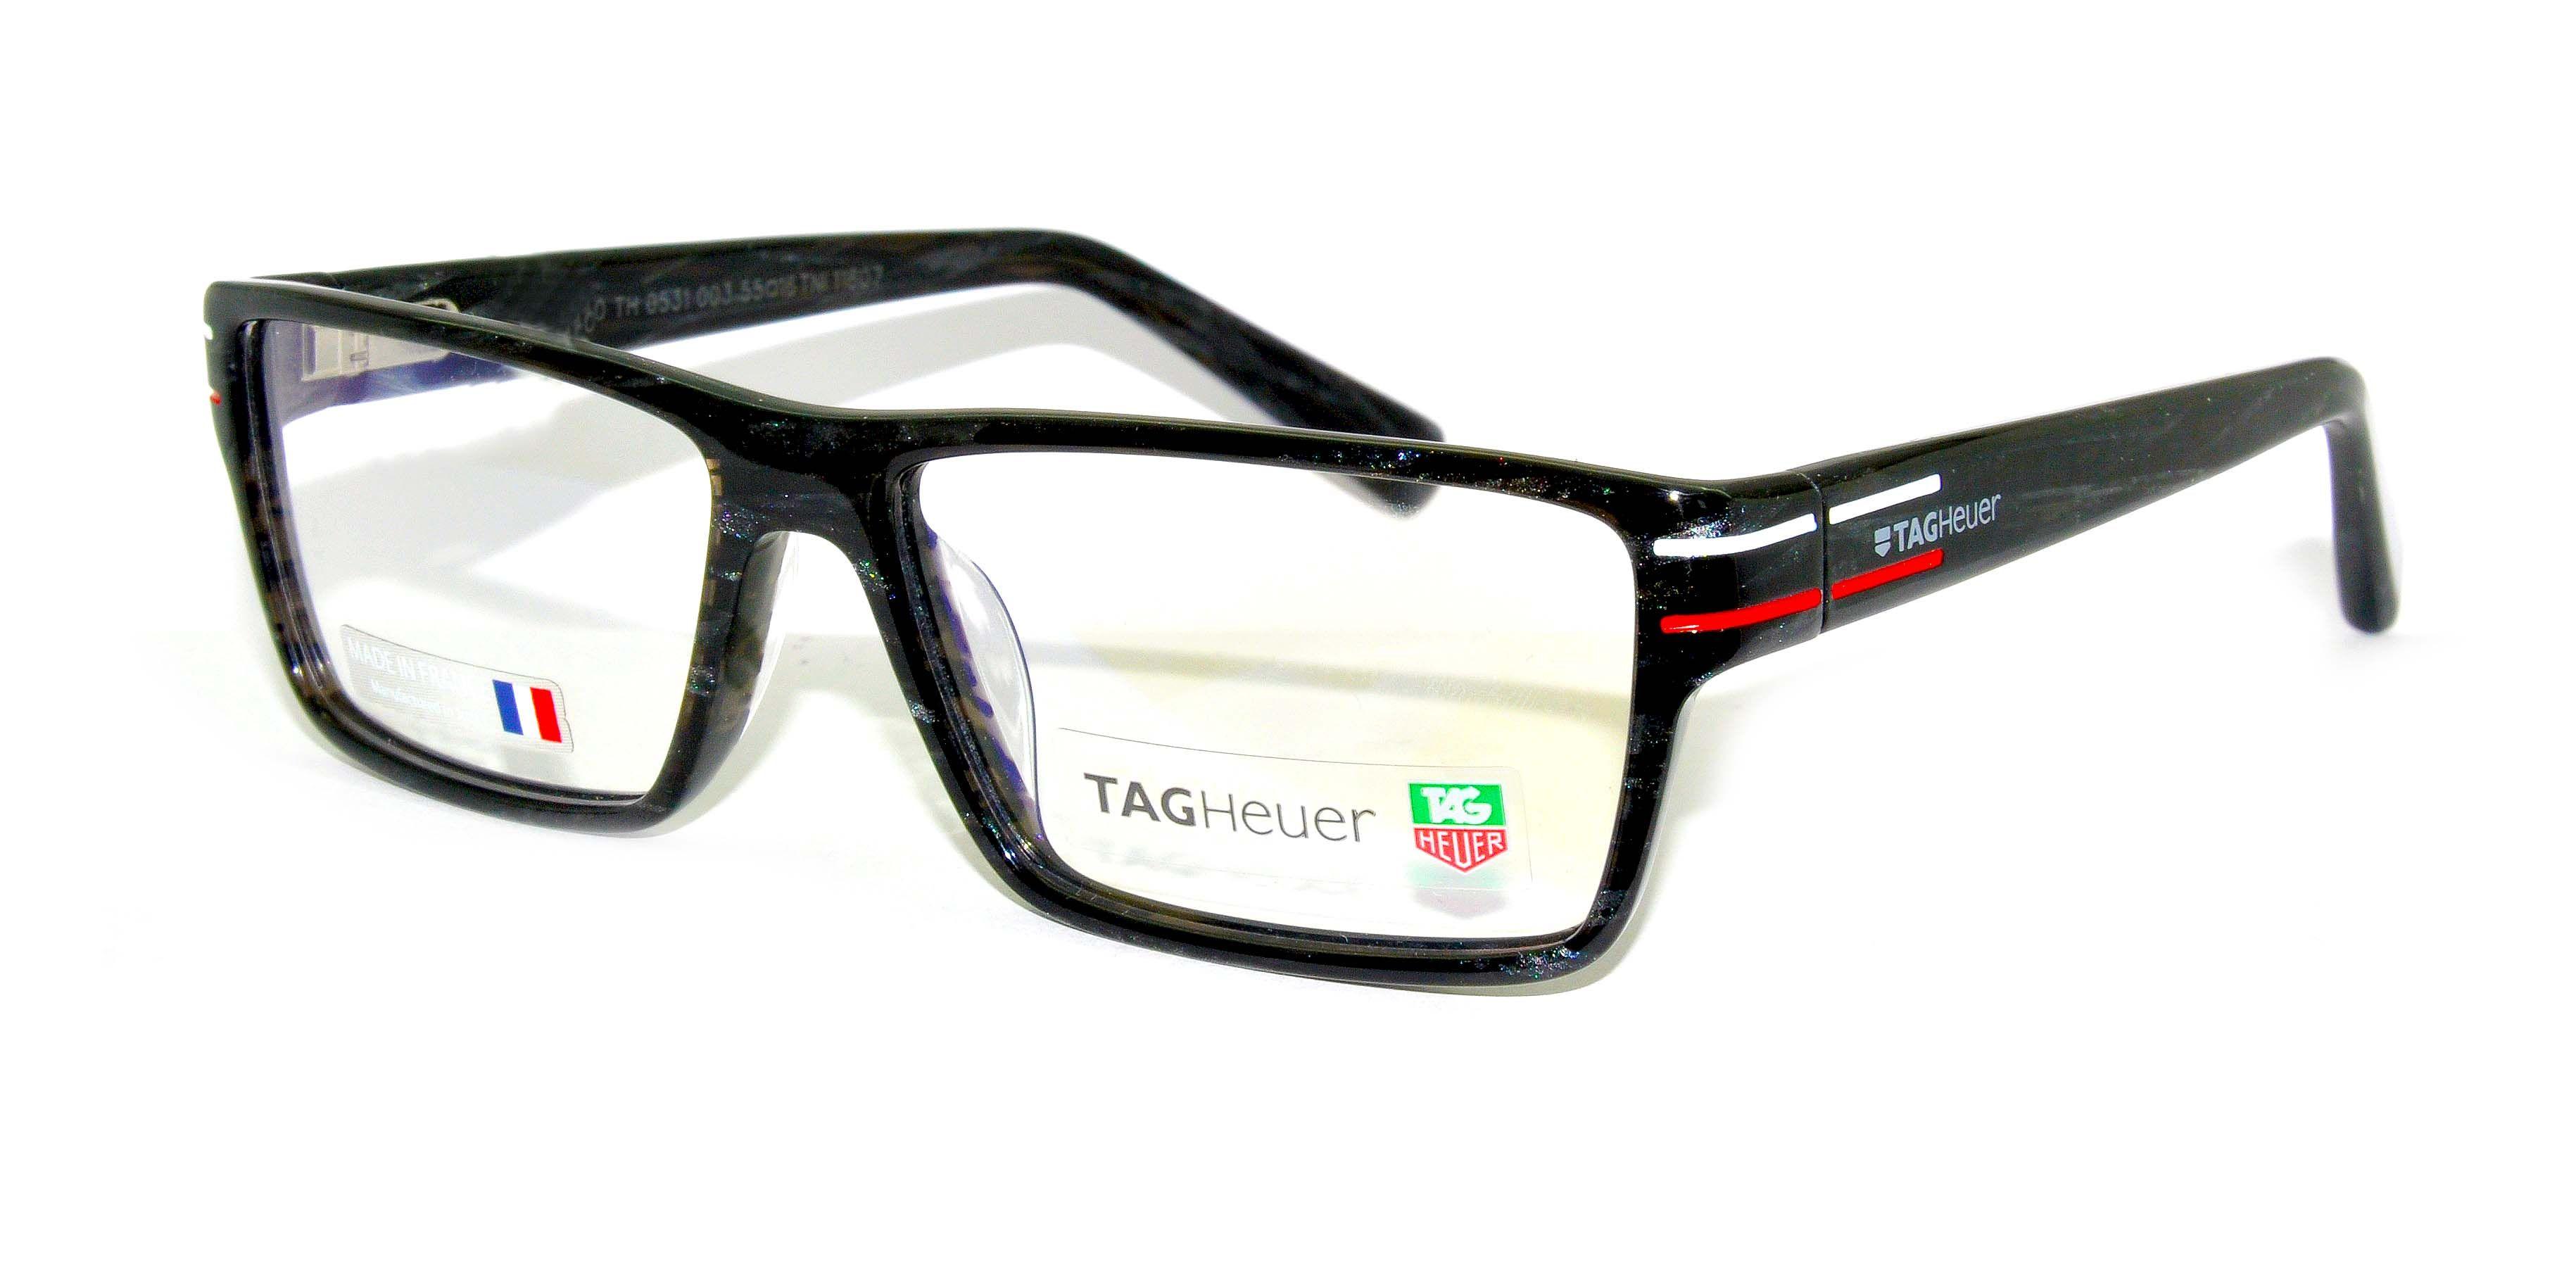 Tag Heuer glasses - Tag Heuer PHANTOM 0531 003 designer eyewear ... 2c1dd36a7a17